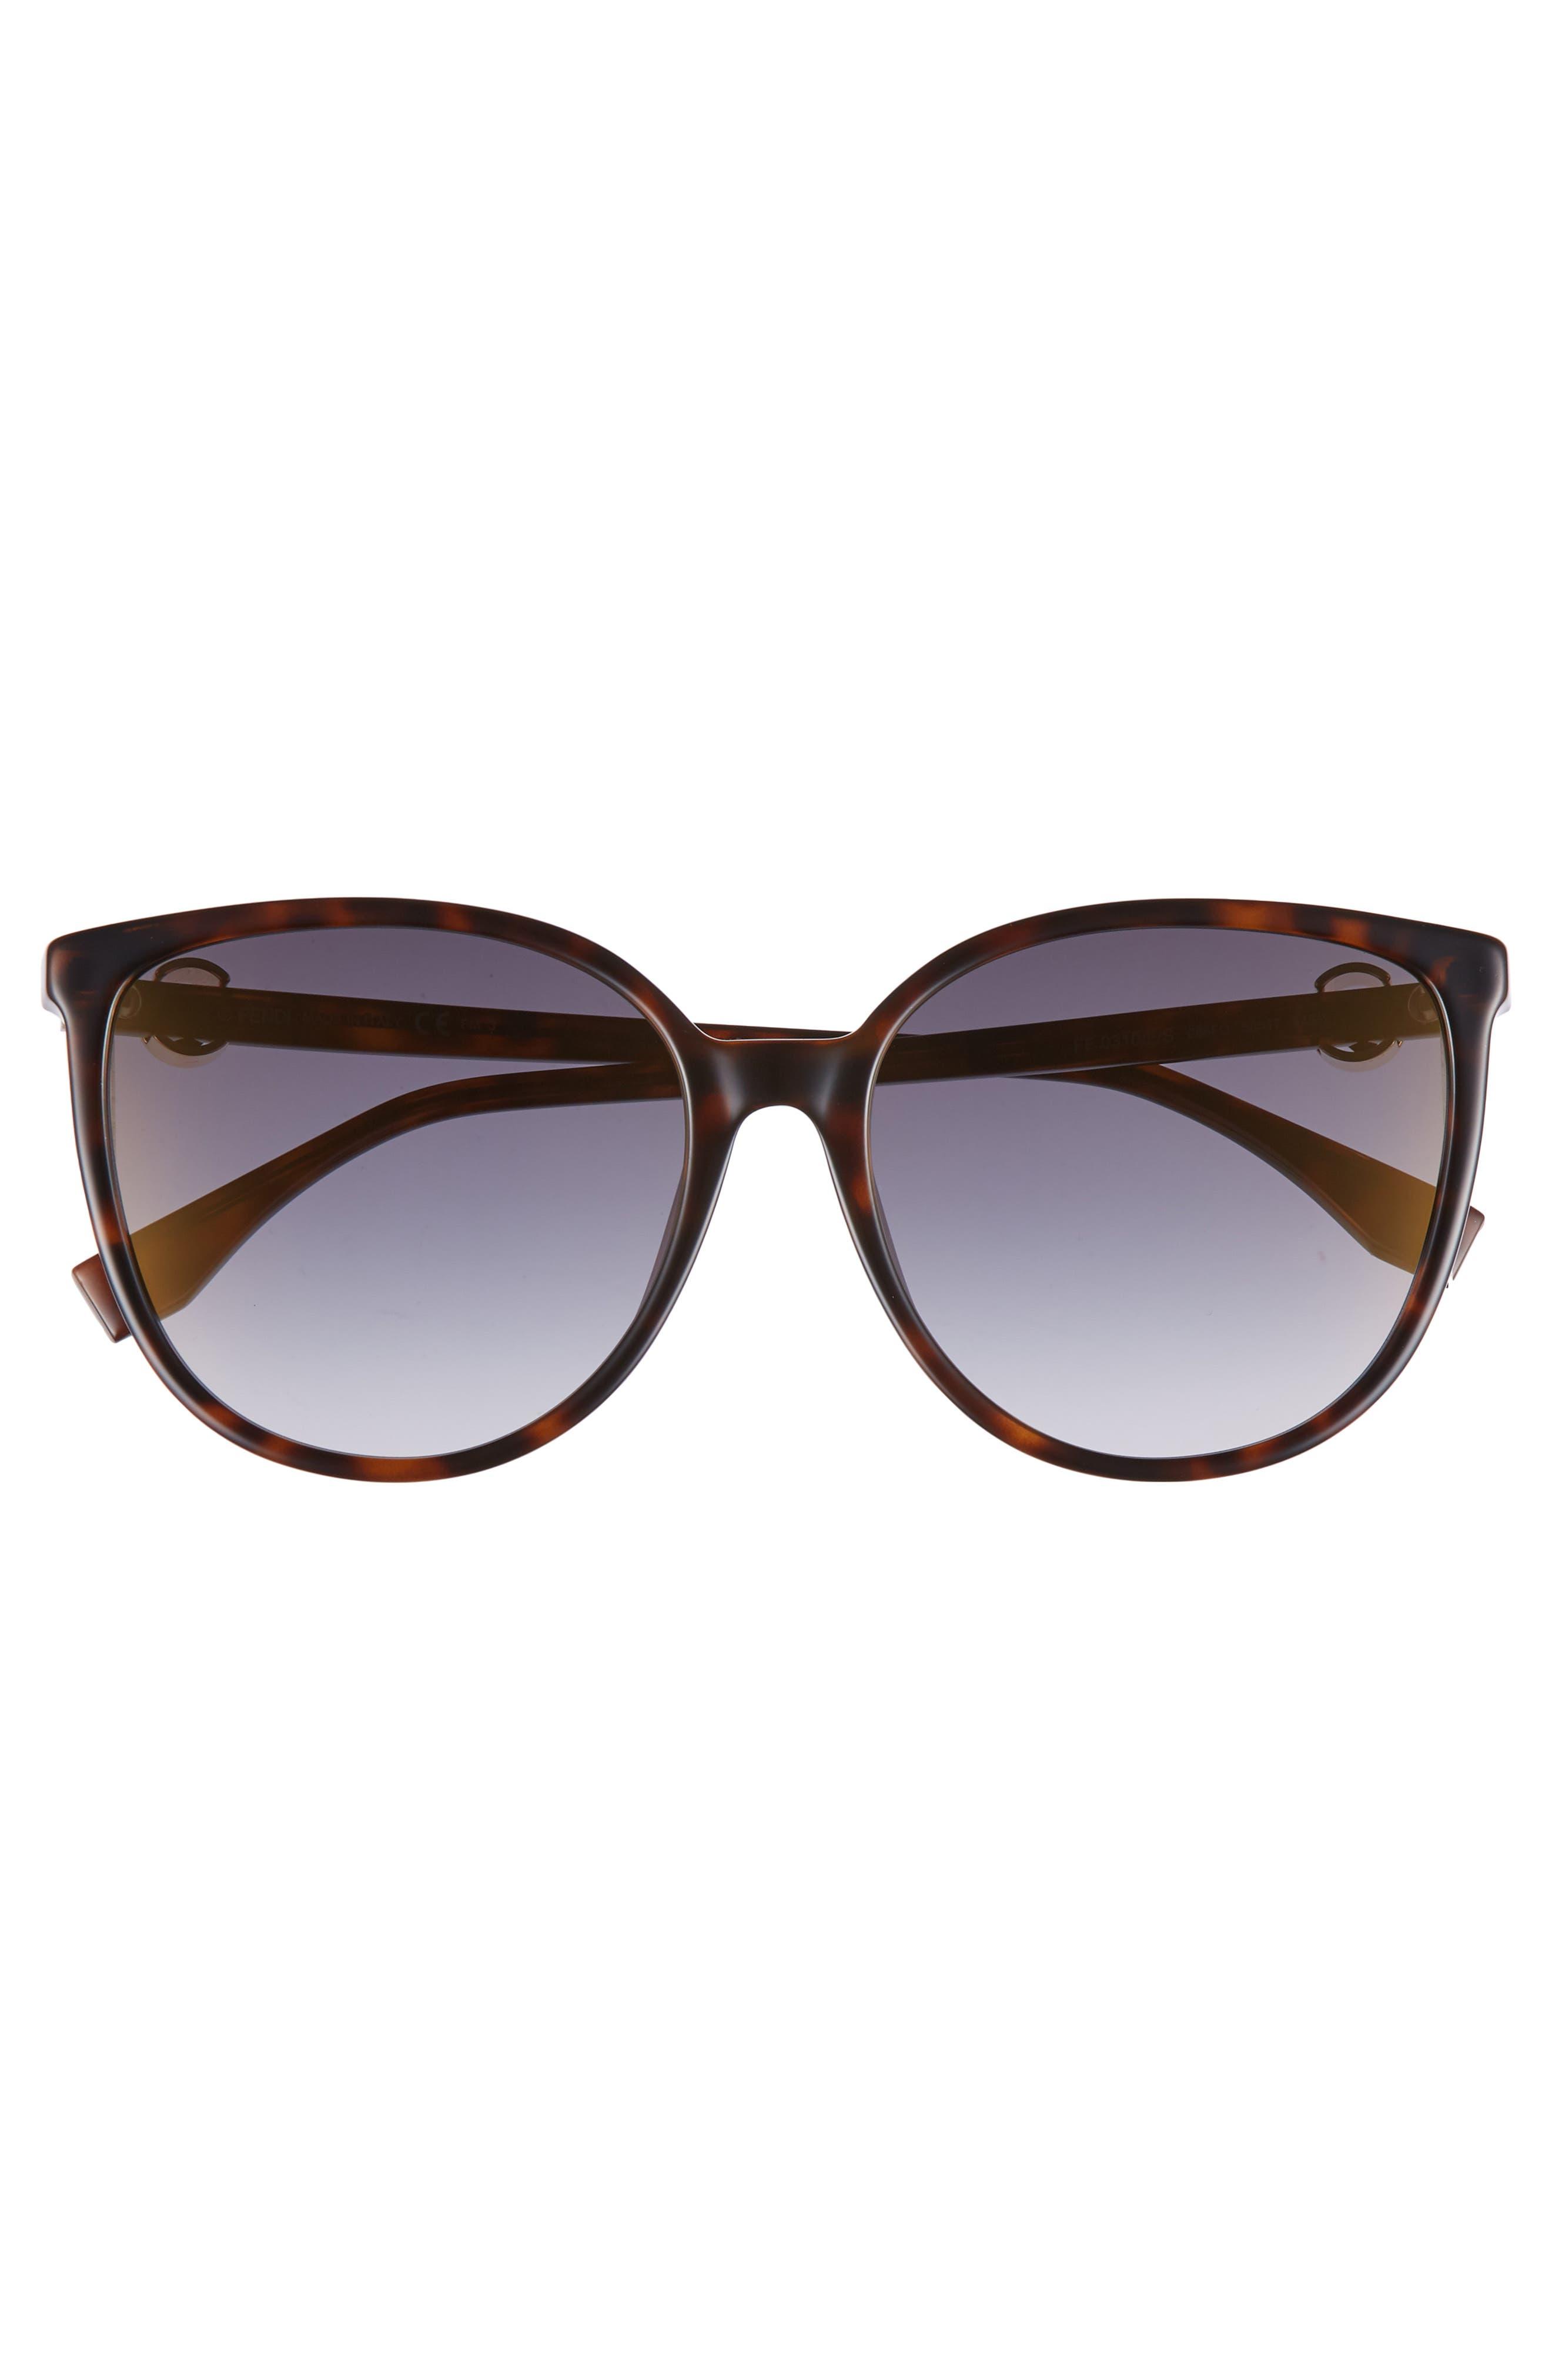 Alternate Image 3  - Fendi 58mm Retro Special Fit Sunglasses